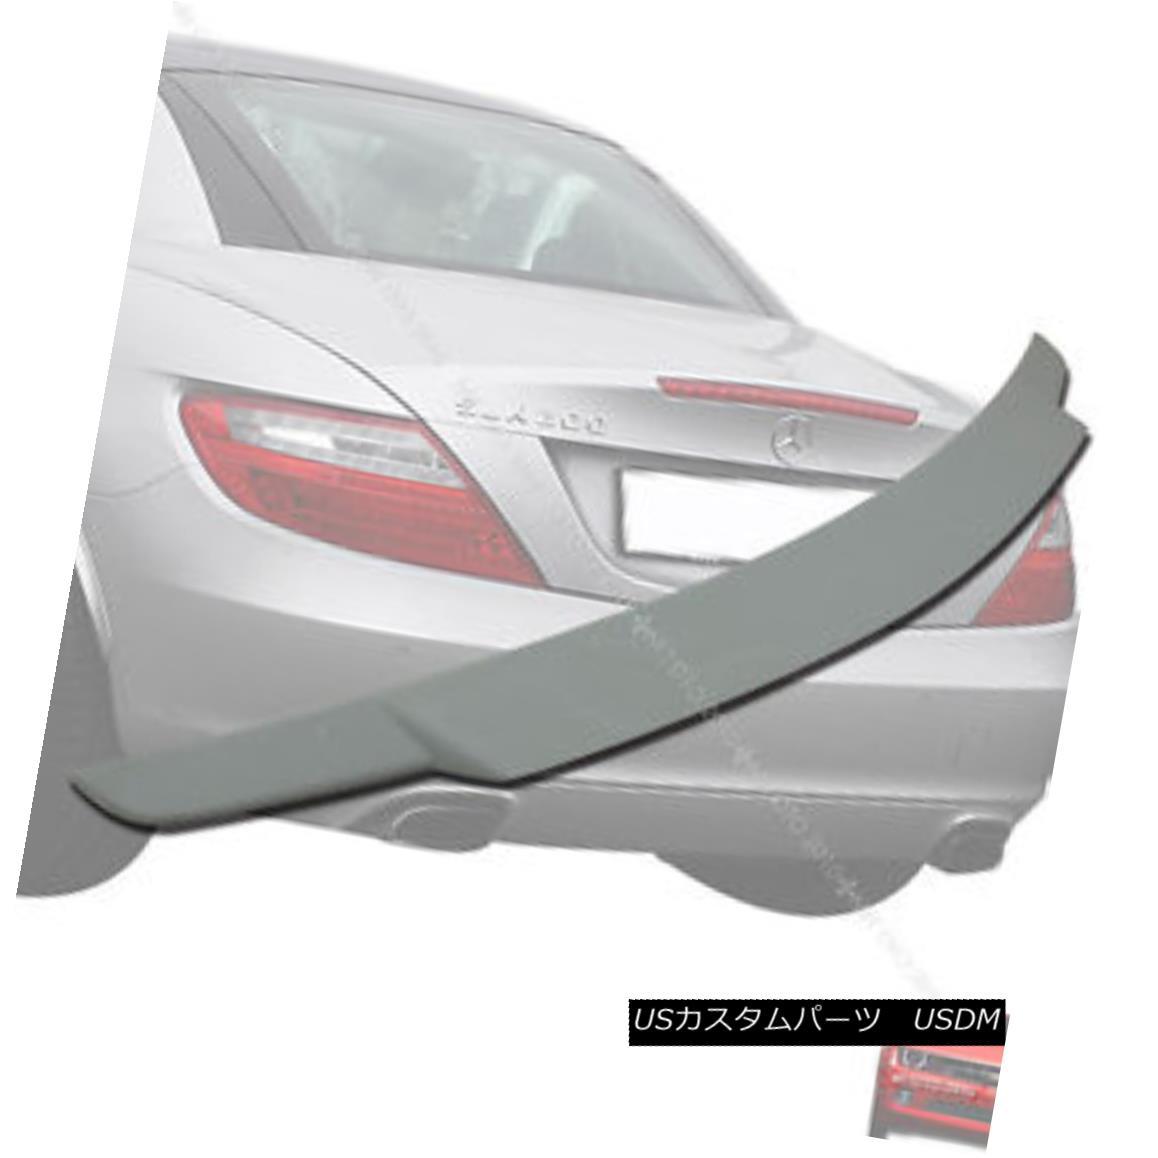 エアロパーツ Painted Mercedes BENZ SLK R172 V-Type Boot Rear Trunk Spoiler Wing § ベンツSLK R172 V型ブーツリアトランク・スポイラー・ウィングPain